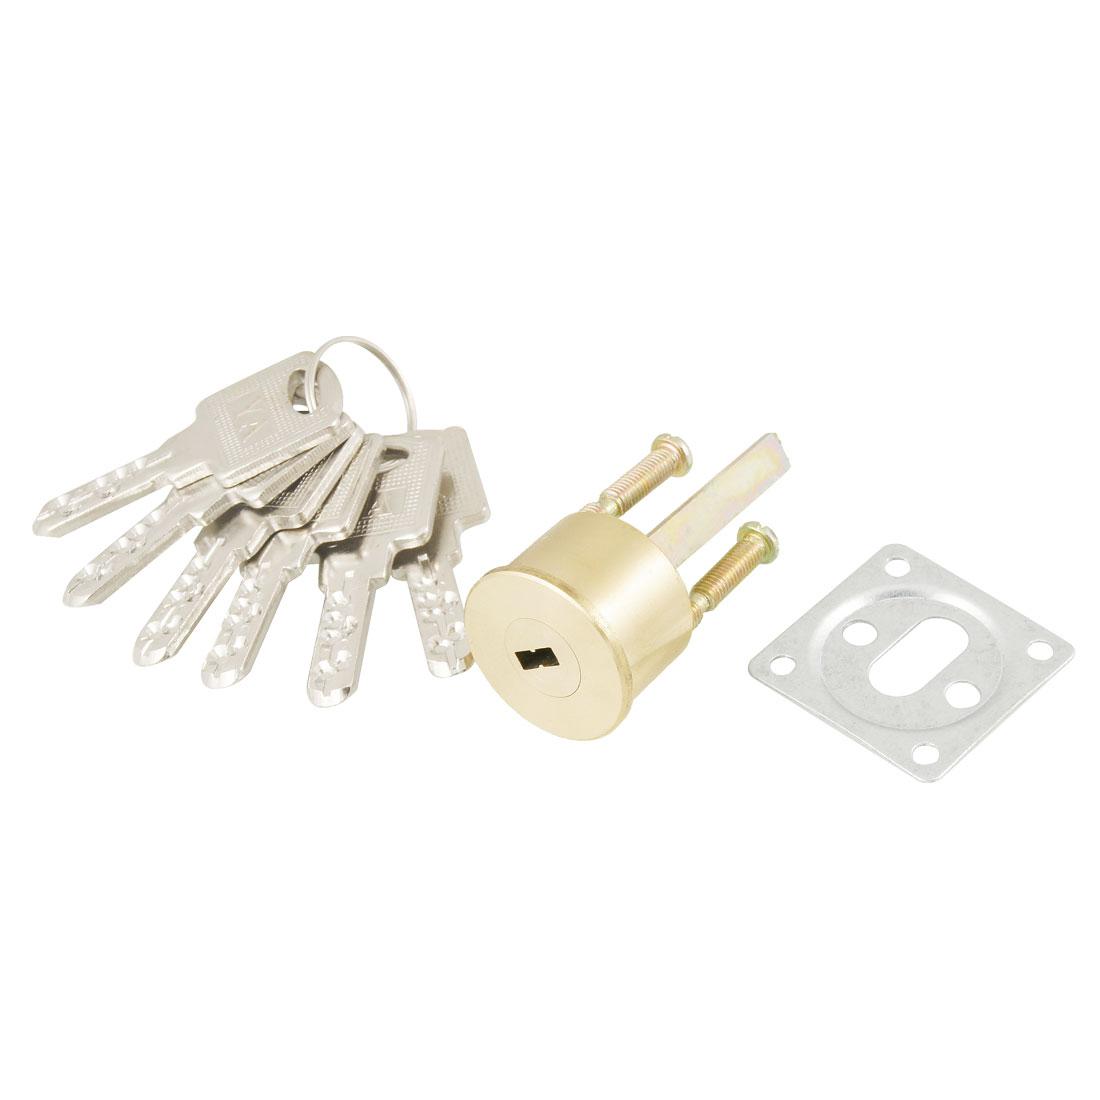 Home Brass Screw Gold Tone Security Door Lock w 6 Metal Keys